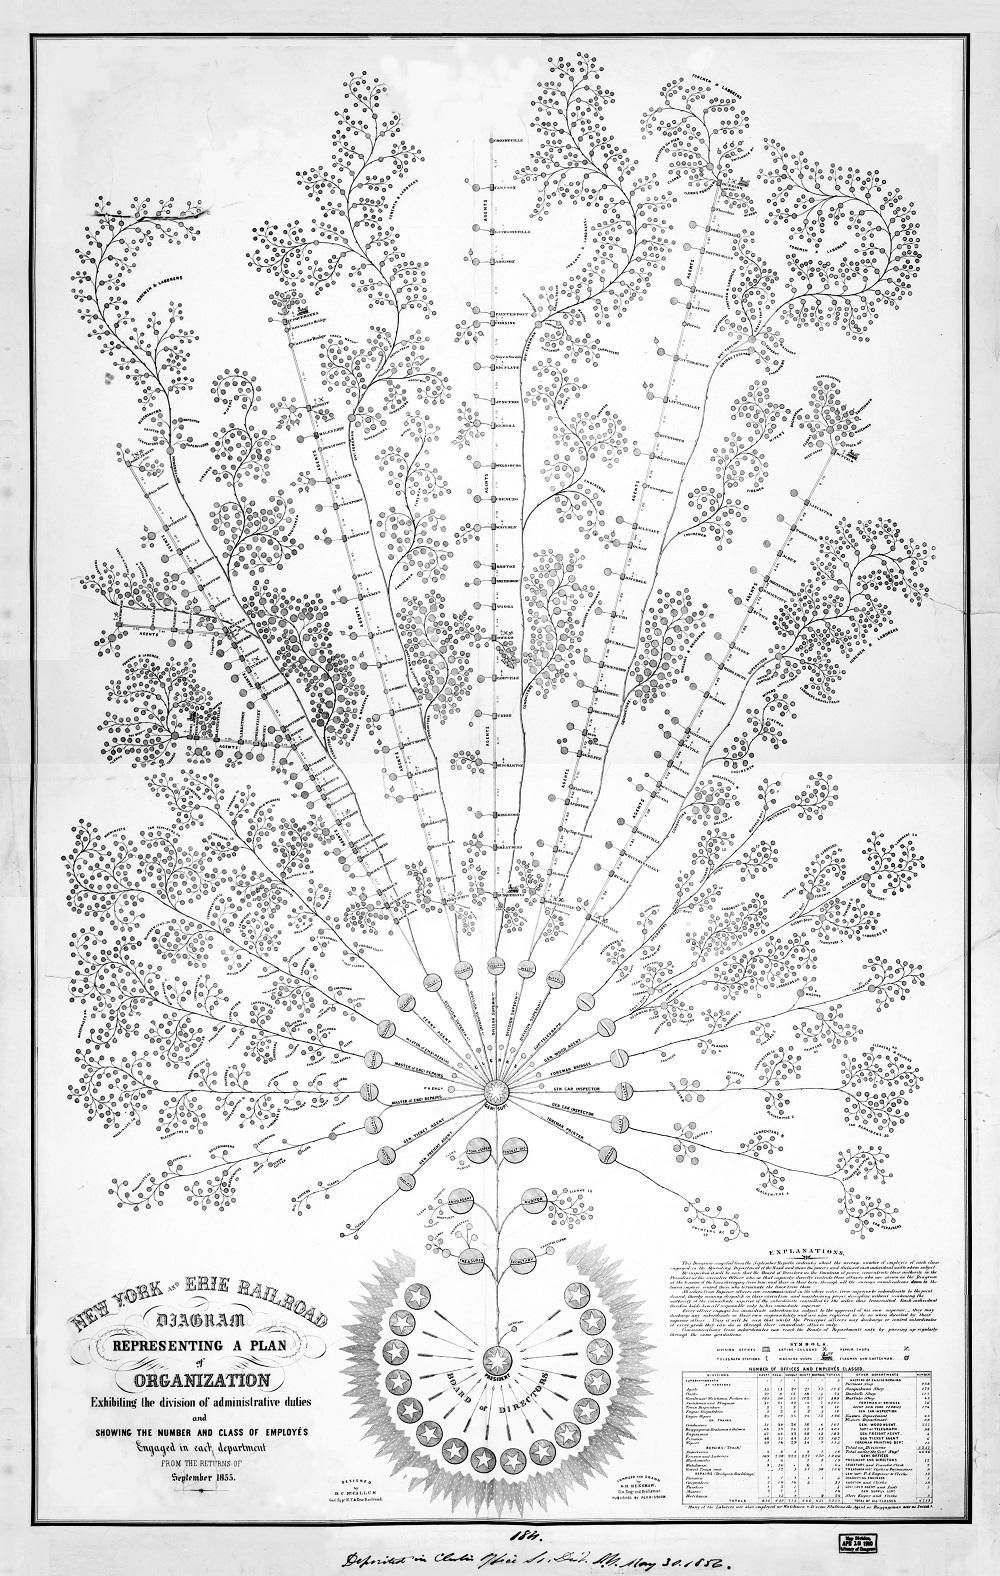 First Organizational Chart